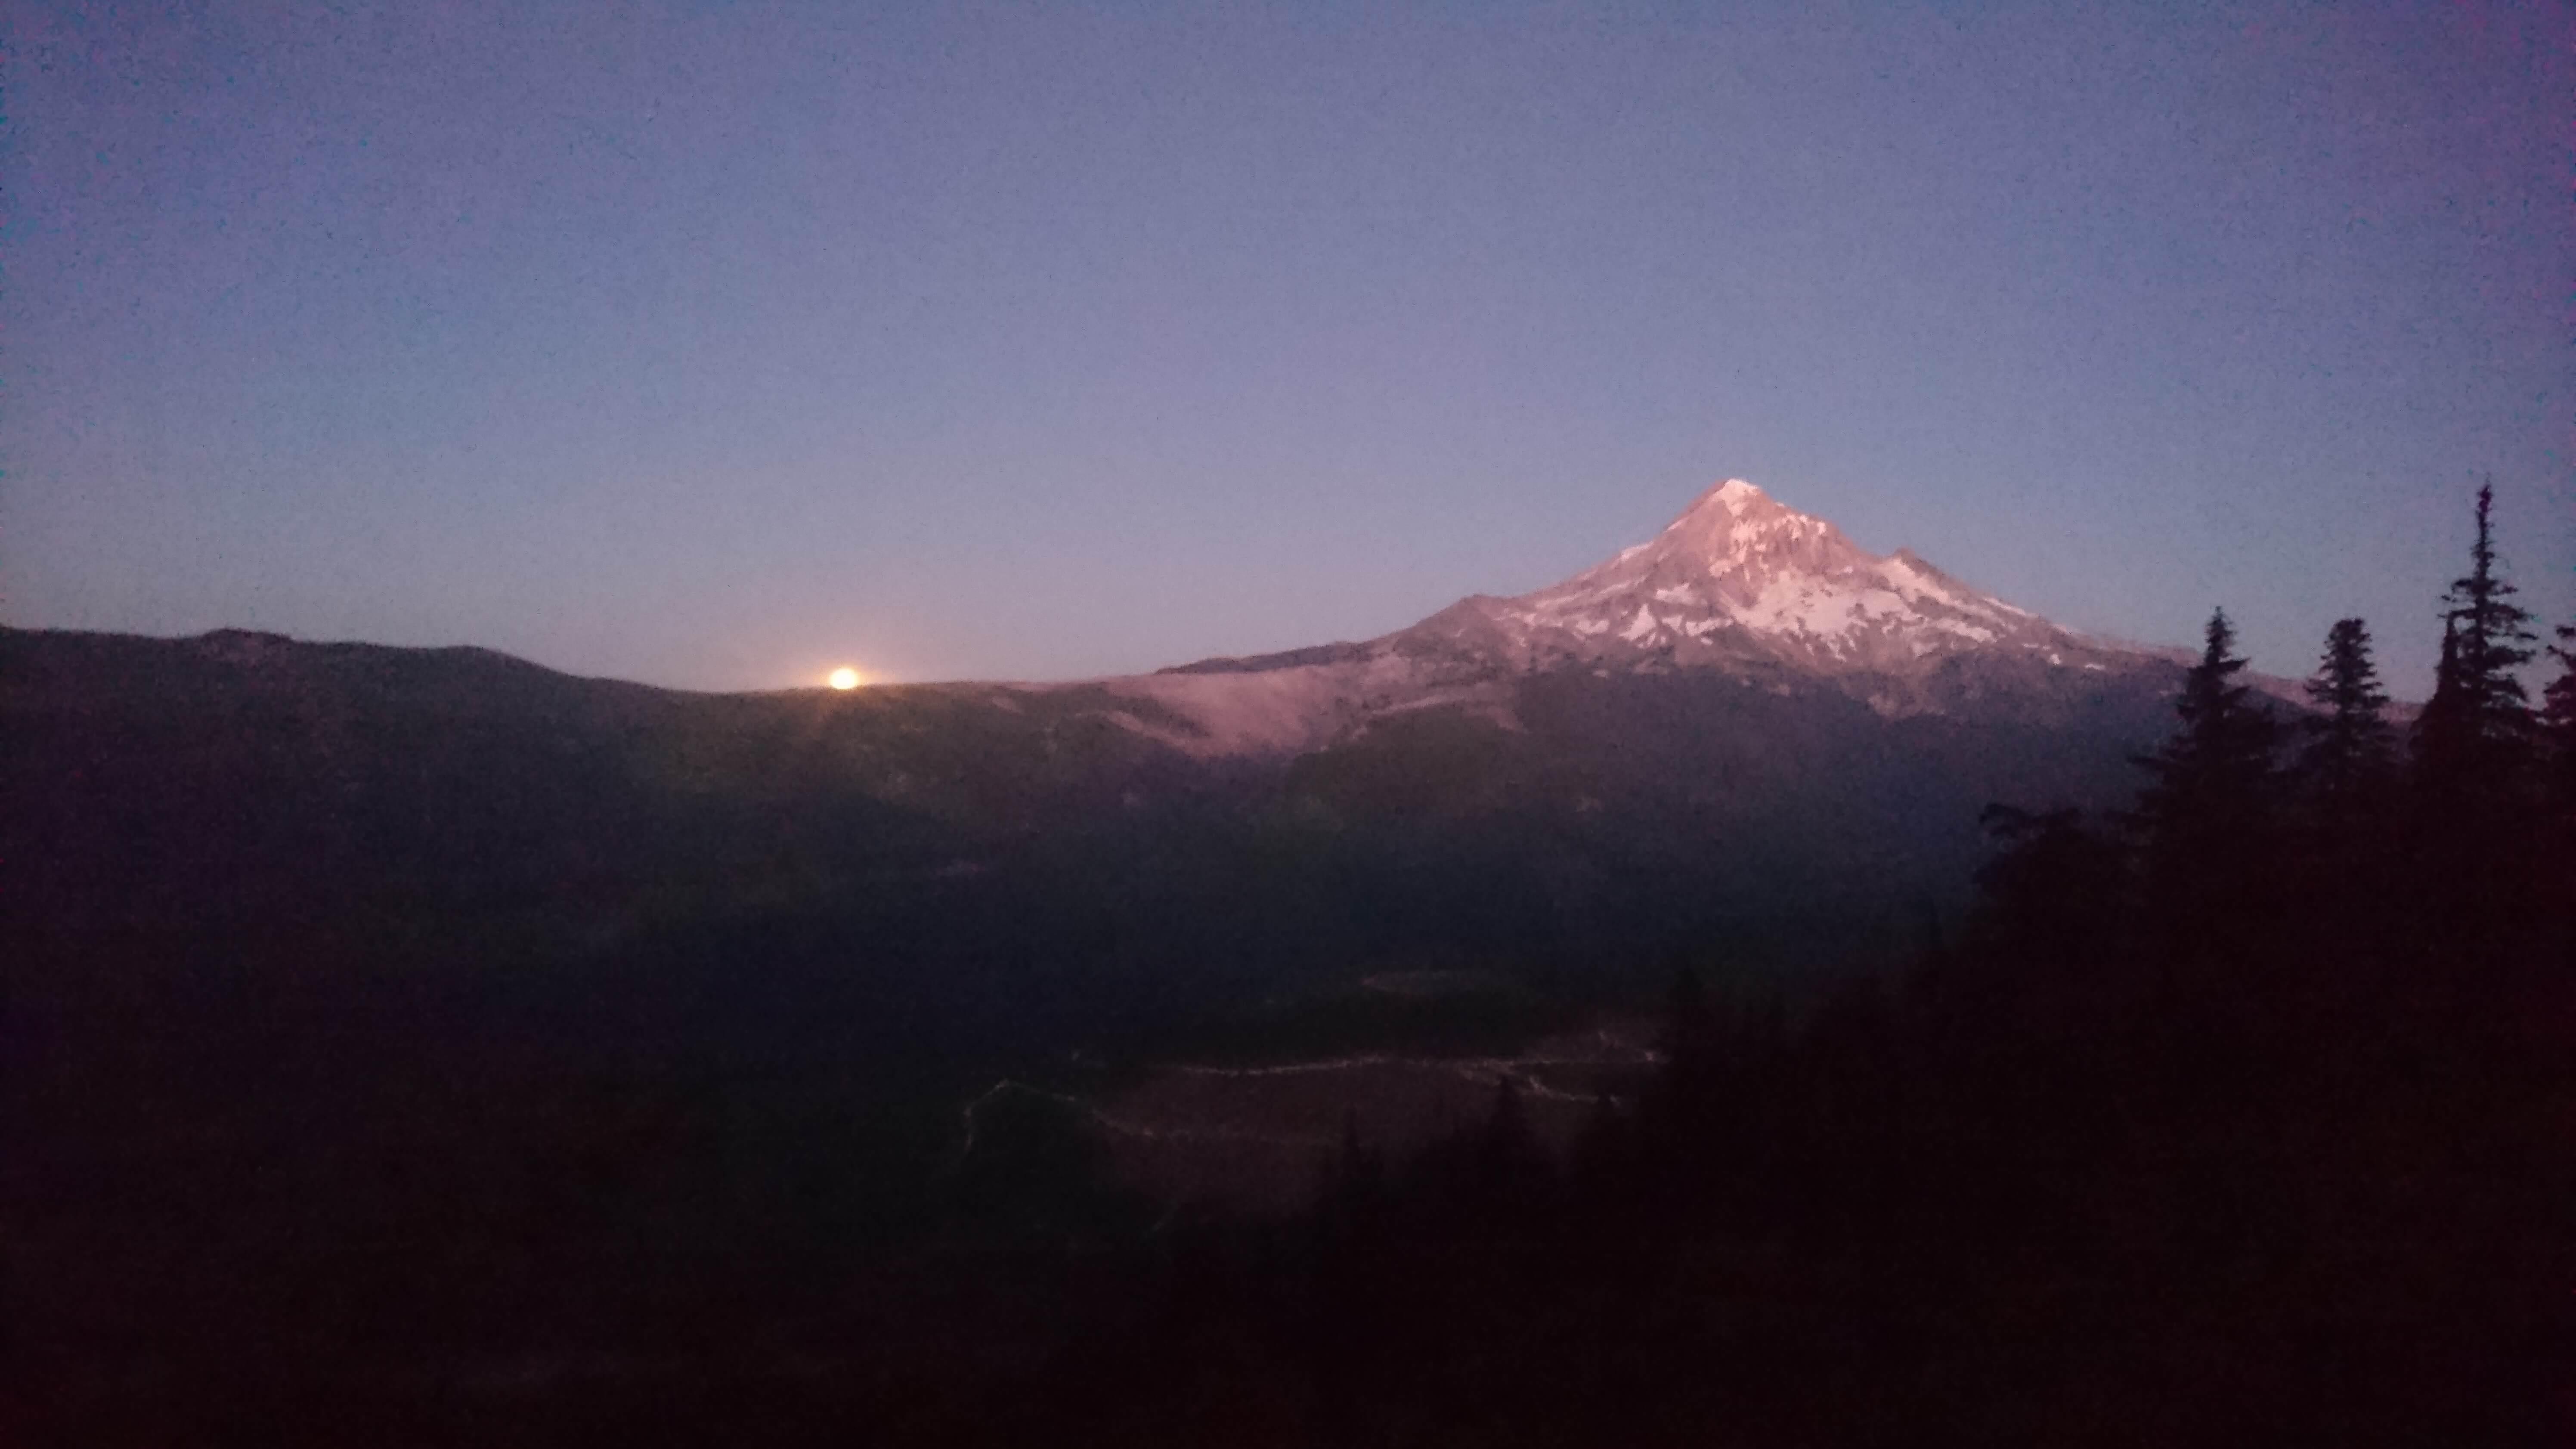 Lever de lune sur le Mont Hood